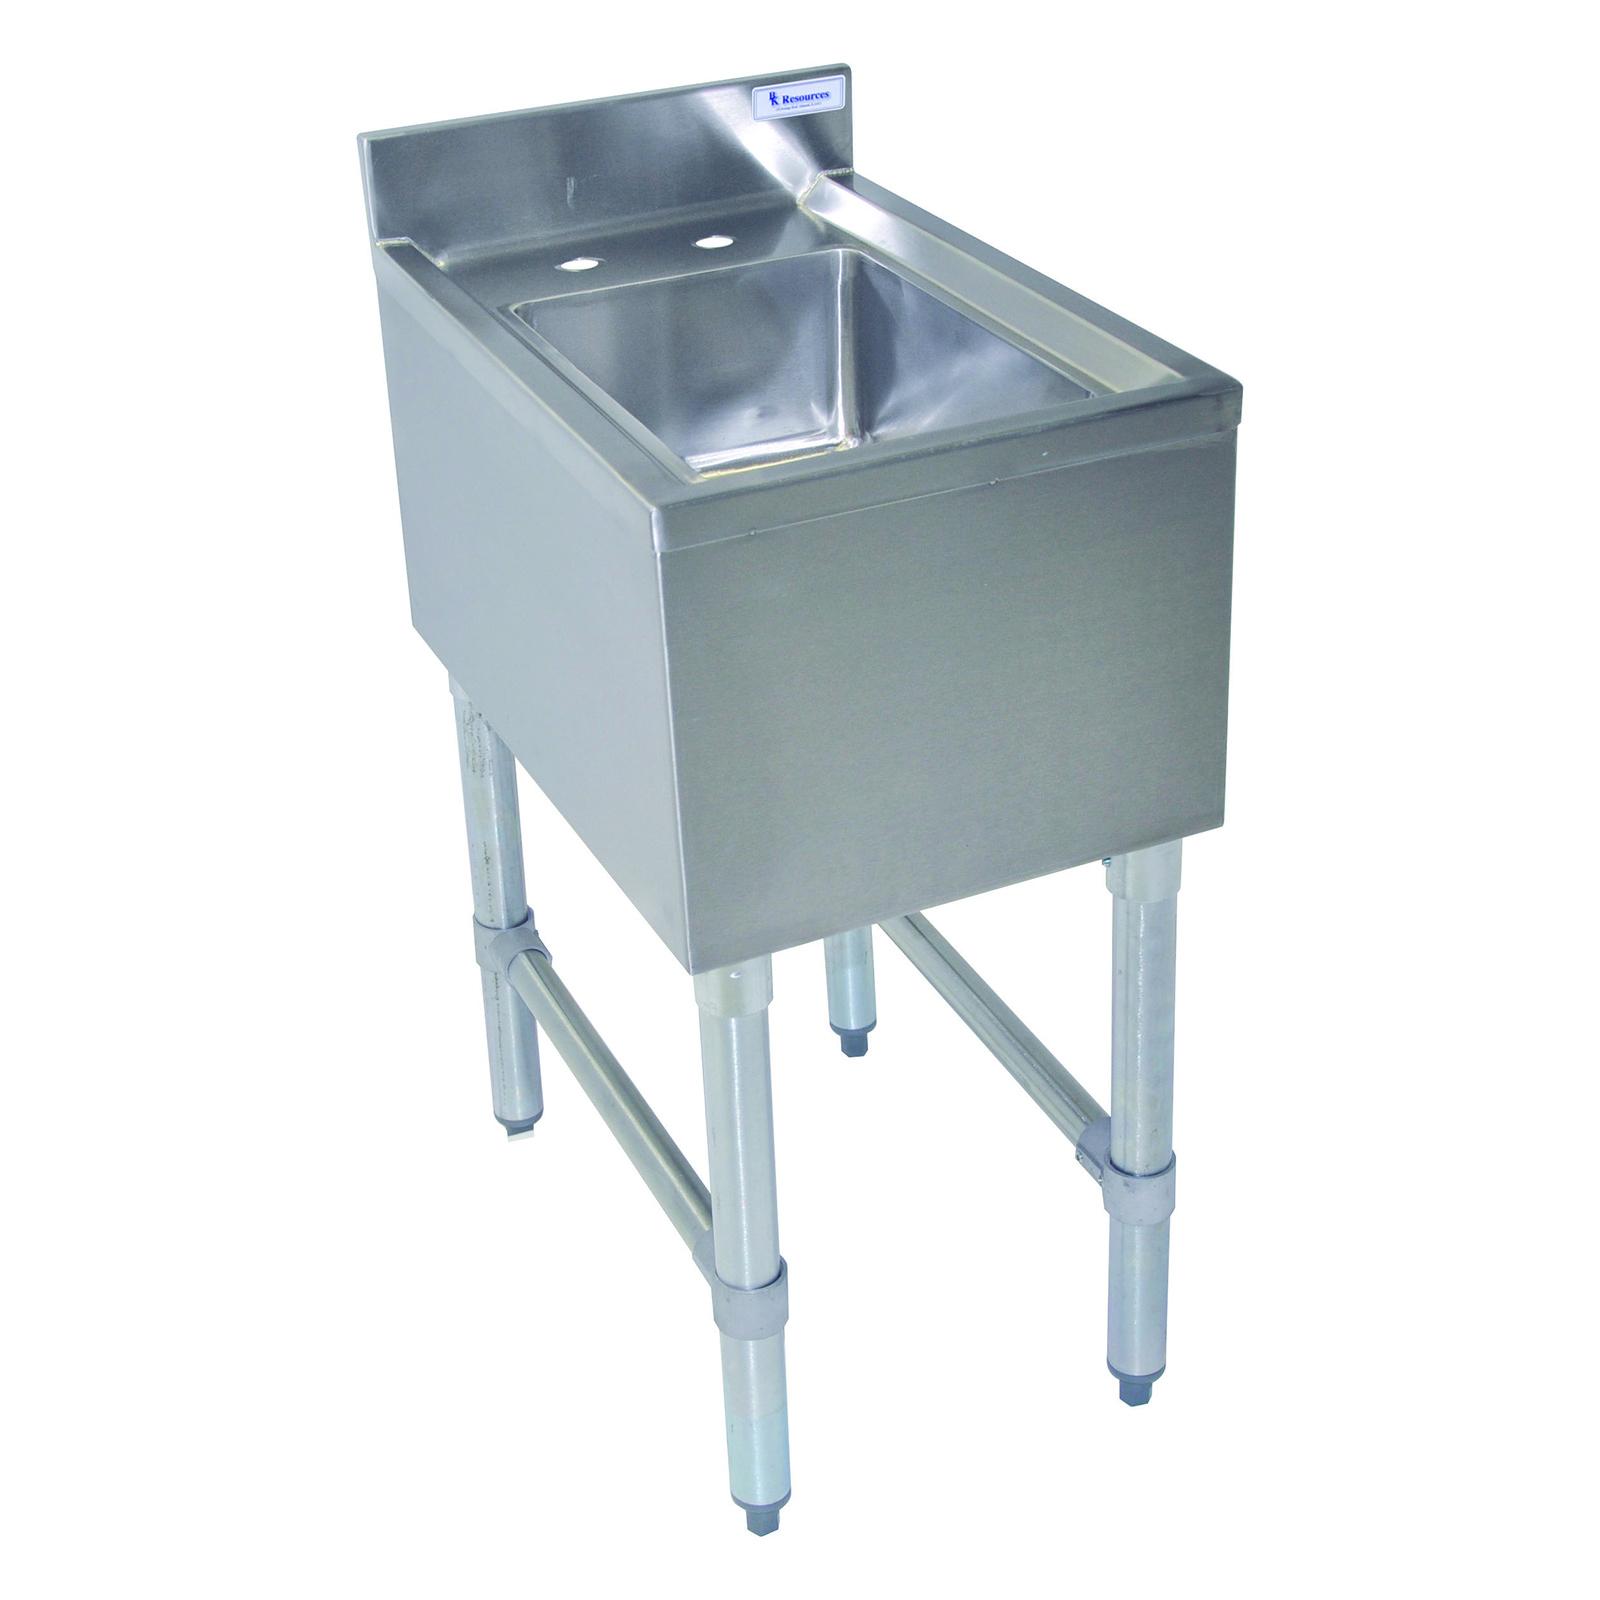 BK Resources BKUBS-1014HS12-P-GS underbar sink units